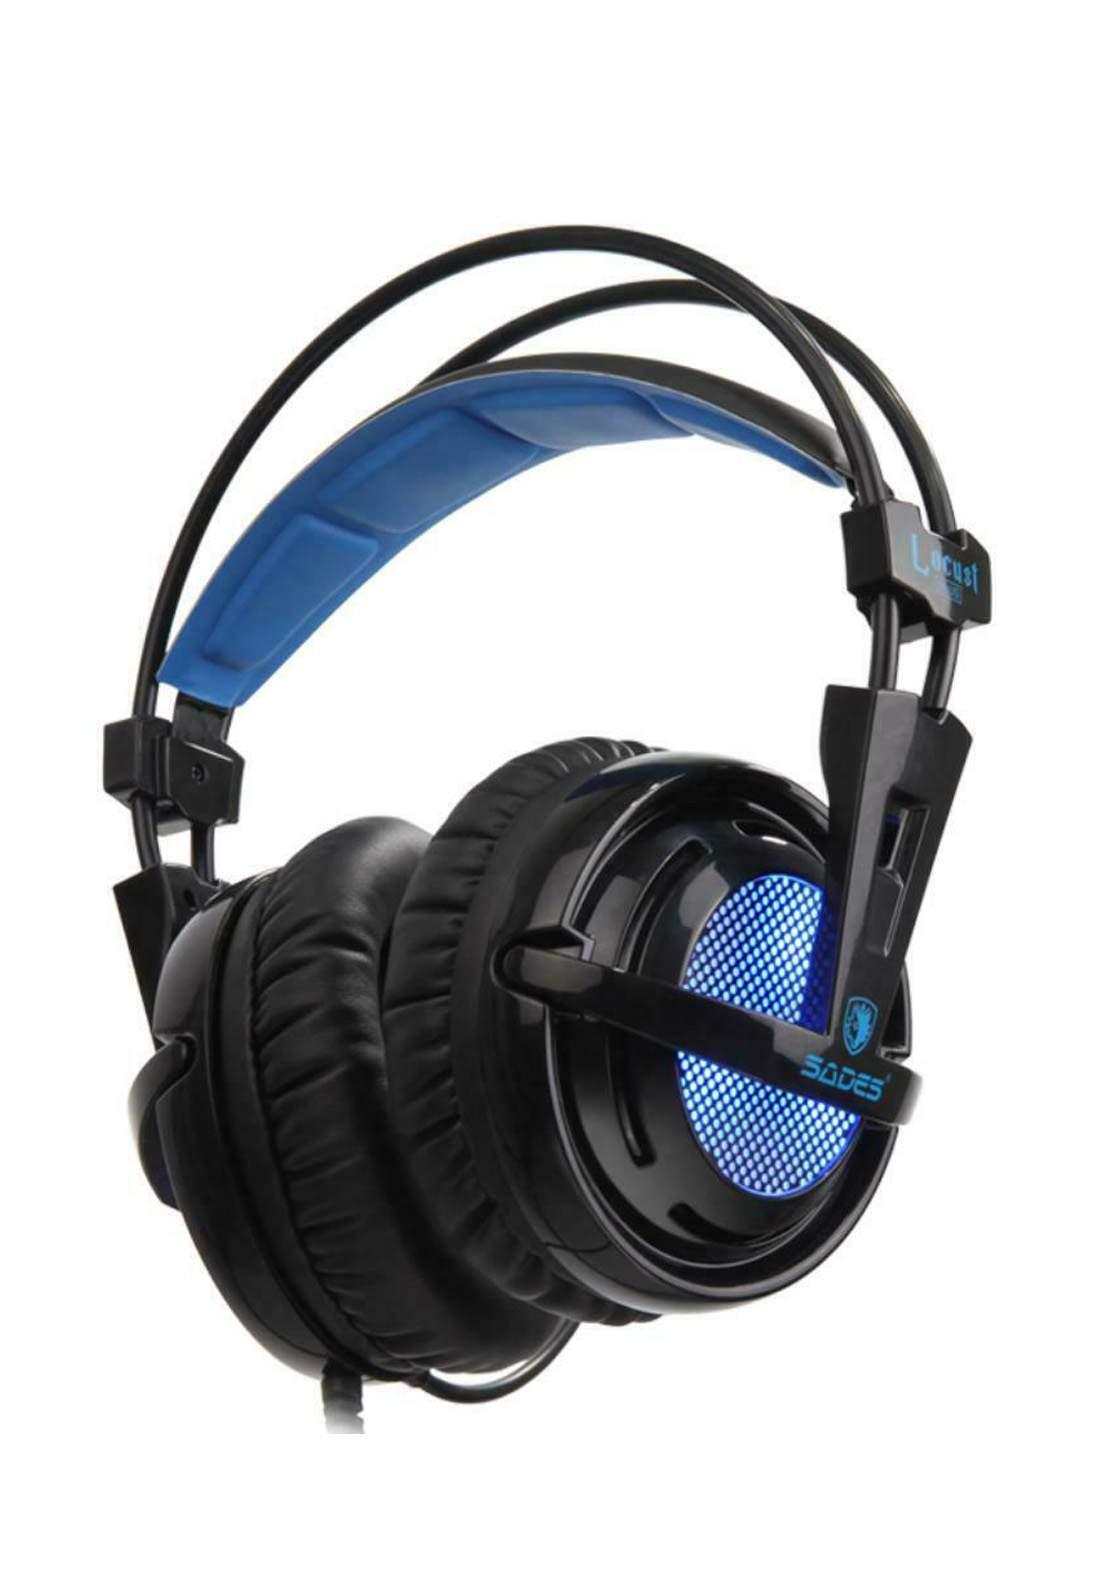 Sades Locust Plus Gaming Headset 7.1 Virtual Surround Sound Headset - Blue سماعة سلكية